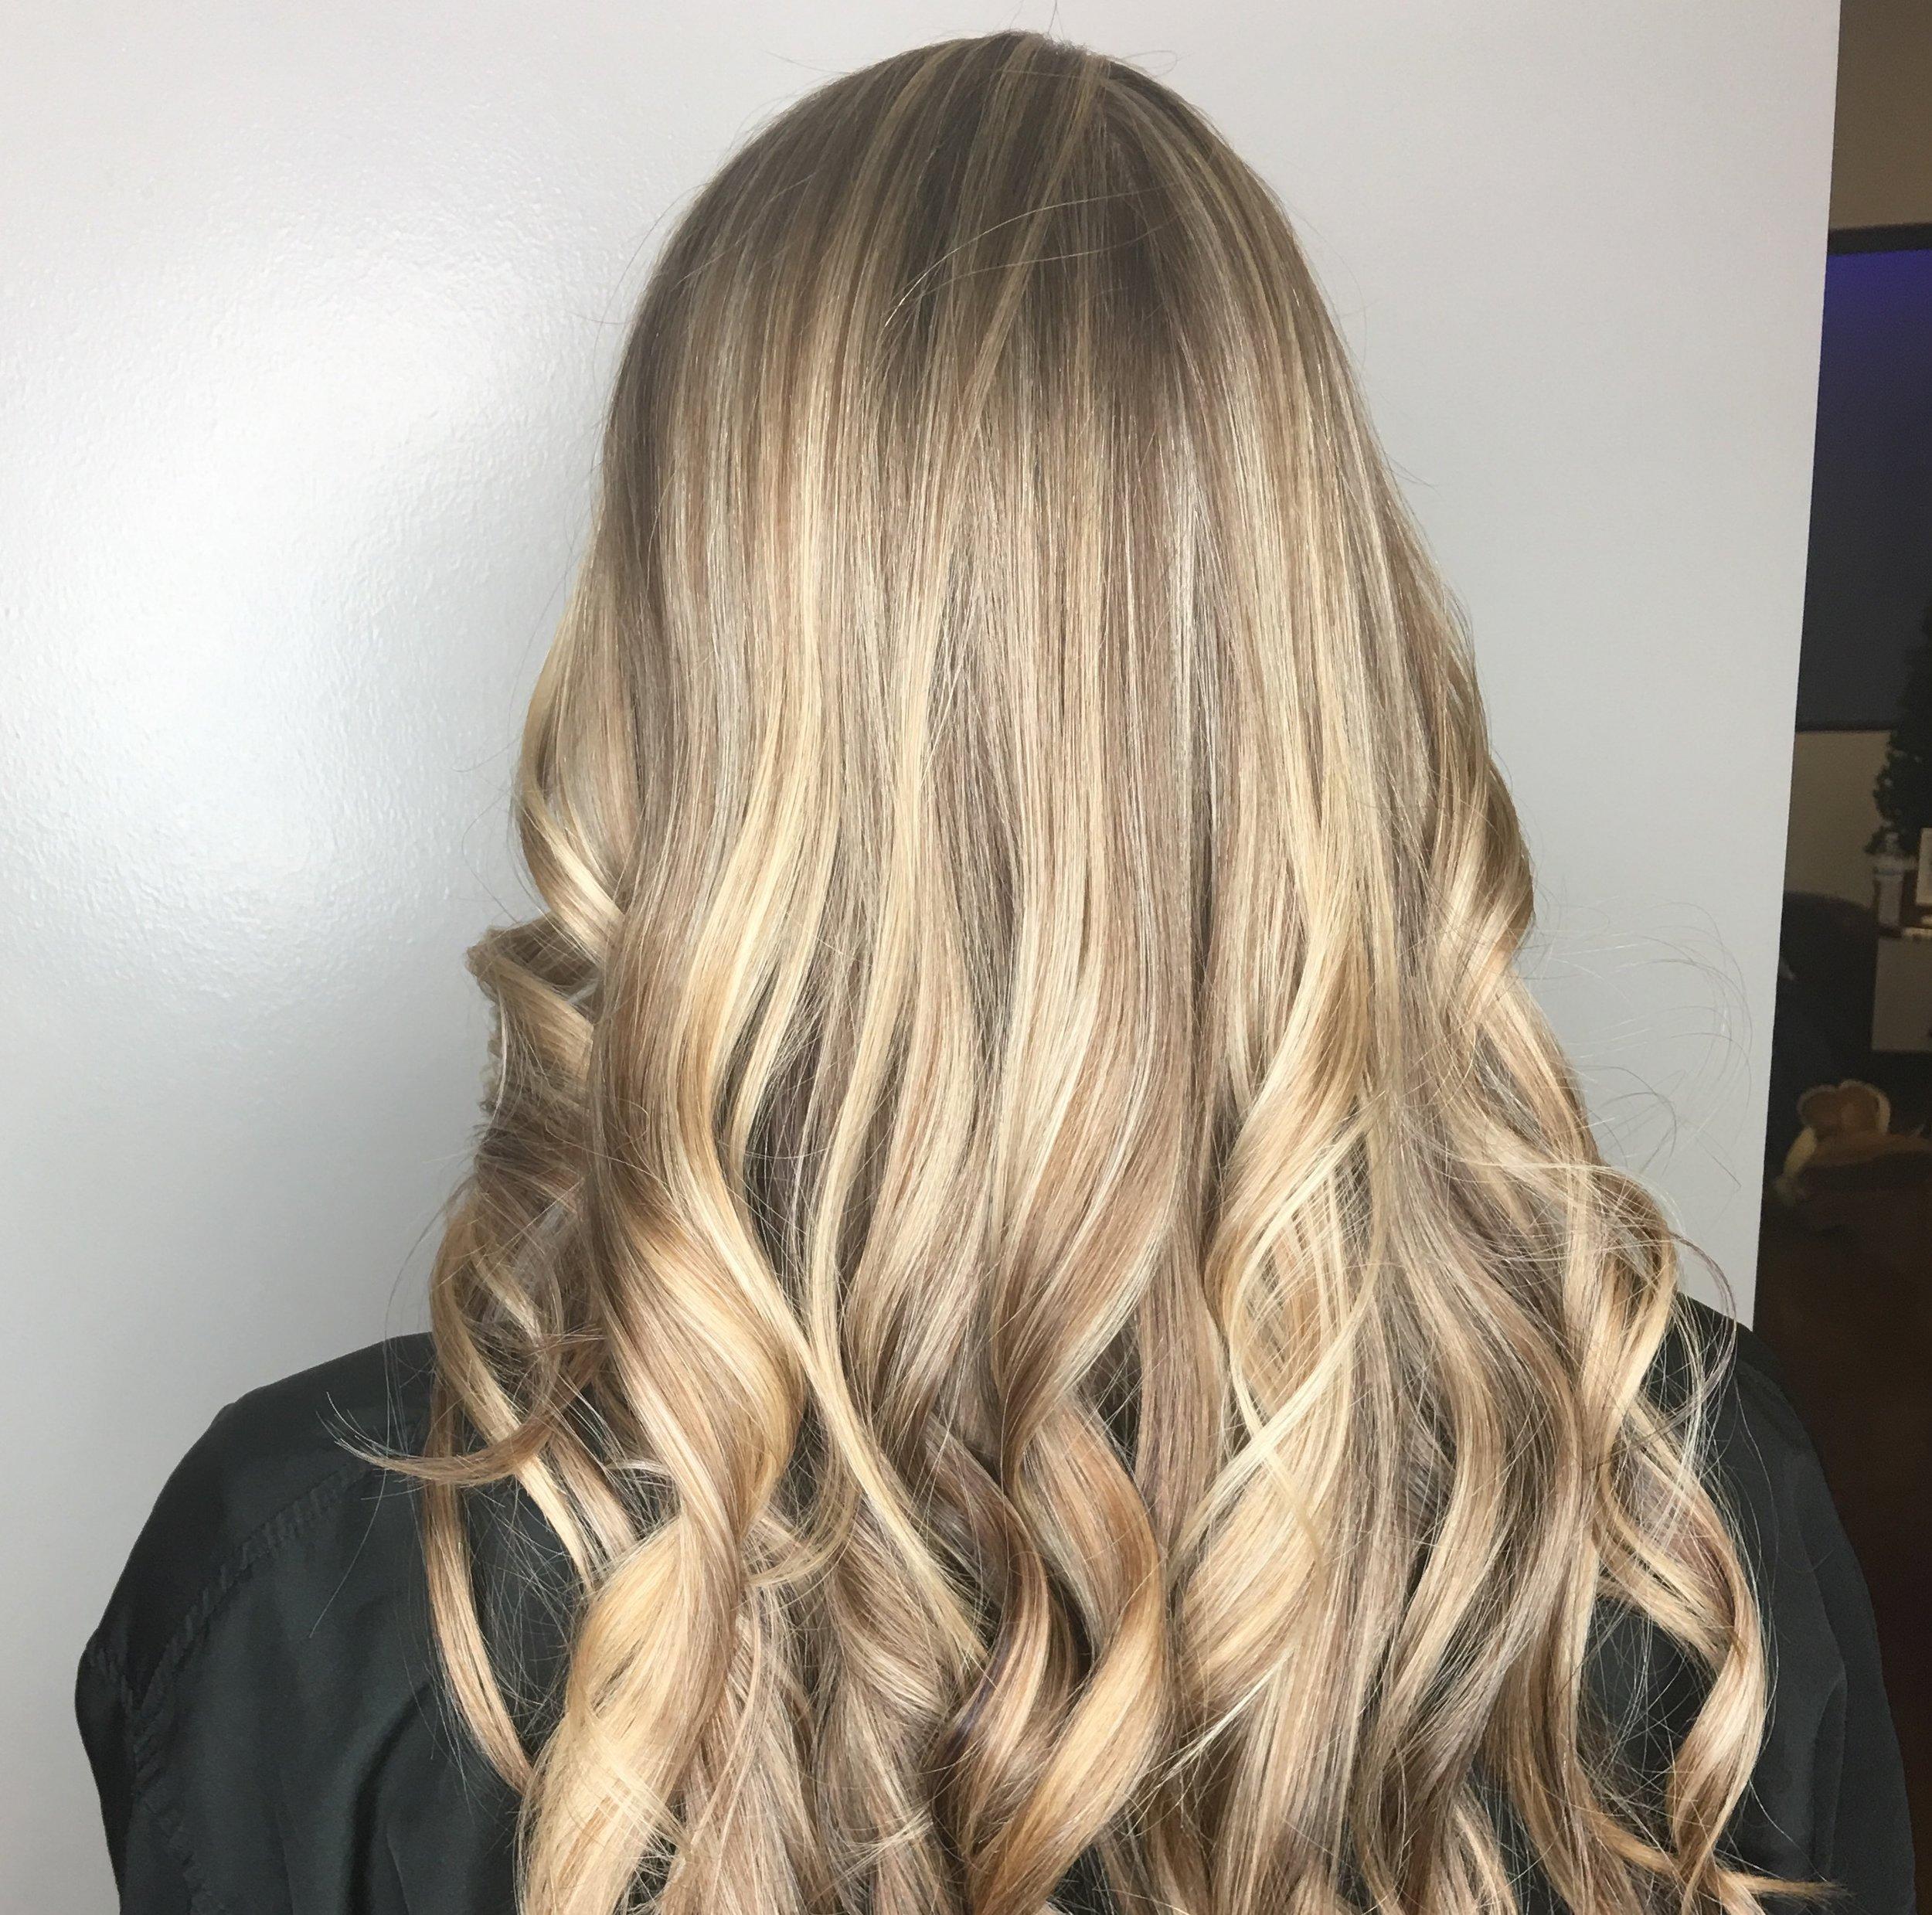 Erin Crawford Allen Stylist Blonde Highlights